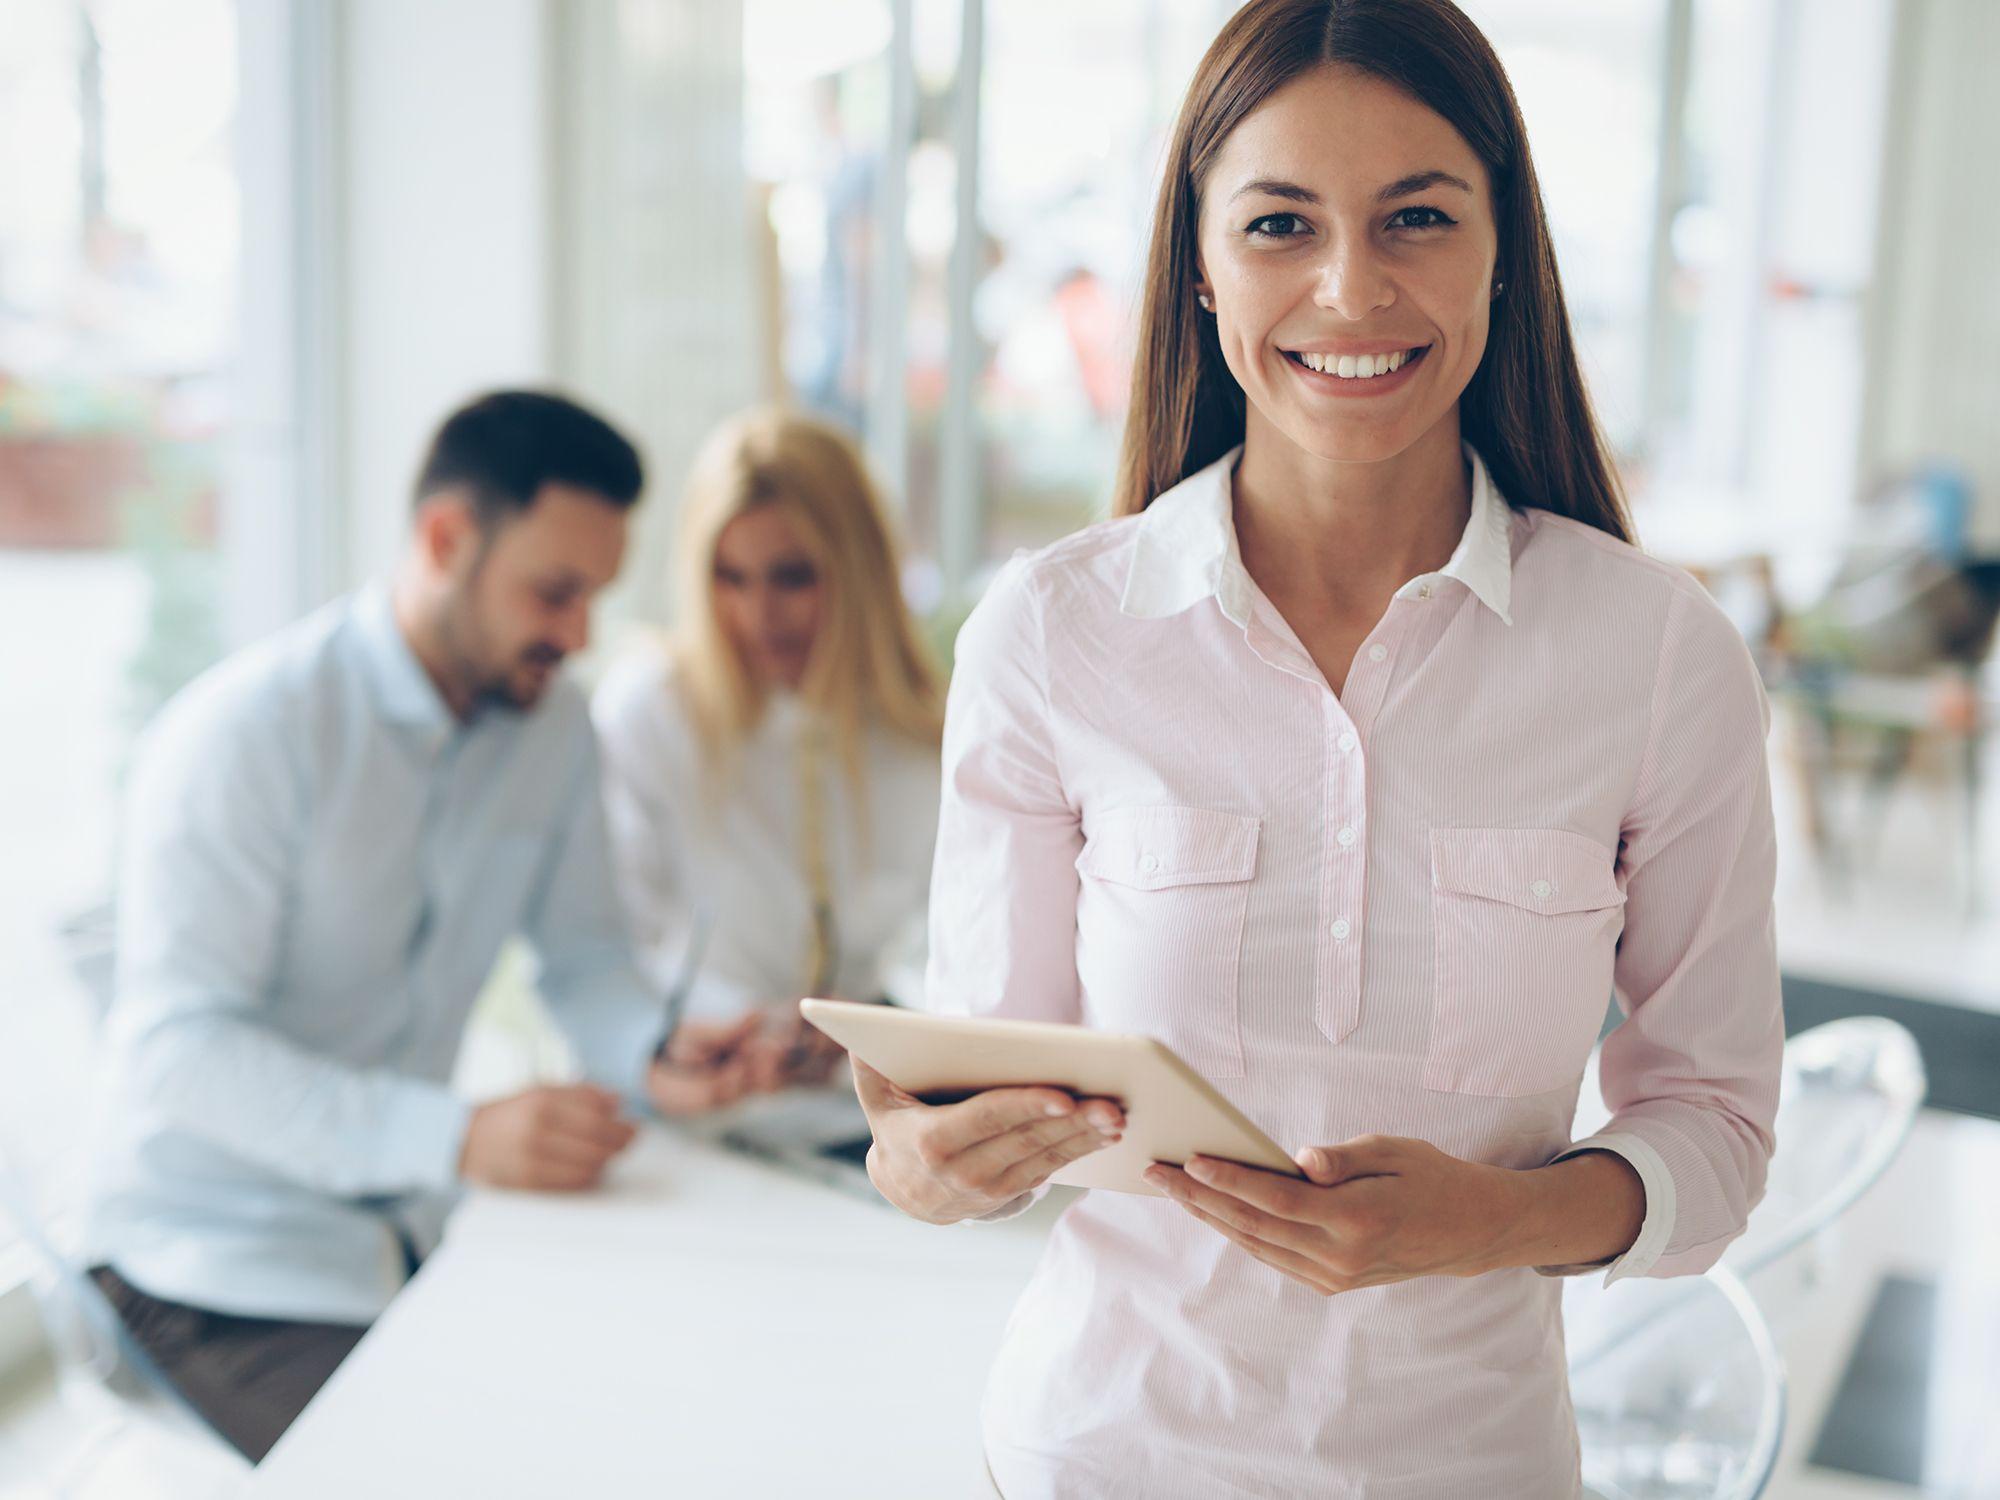 Level 4 - Büroleiter, Büromanager, Abteilungsleiter, Bereichsleiter, Betriebsleiter, Betriebsmeister, Bürovorsteher, Einkaufsleiter, Filialleiter, Gruppenleiter, Leiter, Produktionsleiter, Produktmanager, Teamleiter, Verkaufsleiter, Vertriebsleiter, Werkleiter, Werksleiter, Einsatzleiter, Projektleiter, Bürofachkraft und Bürokraft, Leiharbeiter, Zeitarbeiter, Leiharbeitnehmer, Leihkraft, Temporärarbeiter für Büros, Büroarbeit, Büroaufgaben, Bürotätigkeiten, Büroorganisation, Urlaubsvertretung und Rekrutierung bei uns als Personalagentur, Zeitarbeitsfirma, Zeitarbeitsunternehmen, Personal-Service-Agentur, Personaldienstleistungsagentur und Leiharbeitsfirma per Arbeitnehmer-Leasing, Arbeitnehmerüberlassung, Arbeitskräfte-Leasing, Arbeitskräfteüberlassung, Arbeitskraftüberlassung, Leiharbeit, Mitarbeiter-Leasing, Mitarbeiterleasing, Mitarbeiterüberlassung, Personaldienstleistung, Personalleasing, Personalüberlassung, Temporärarbeit, Zeitarbeit buchen, mieten, leihen oder langfristig neue Mitarbeiter für Jobs wie Schülerjobs, Ferienjobs, Aushilfsjobs, Studentenjobs, Werkstudentenjobs, Saisonjobs, Vollzeit Jobs, Teilzeit Jobs, Nebenjobs, Temporär Jobs, Gelegenheitsjobs per Personalvermittlung suchen, finden und vermittelt bekommen.